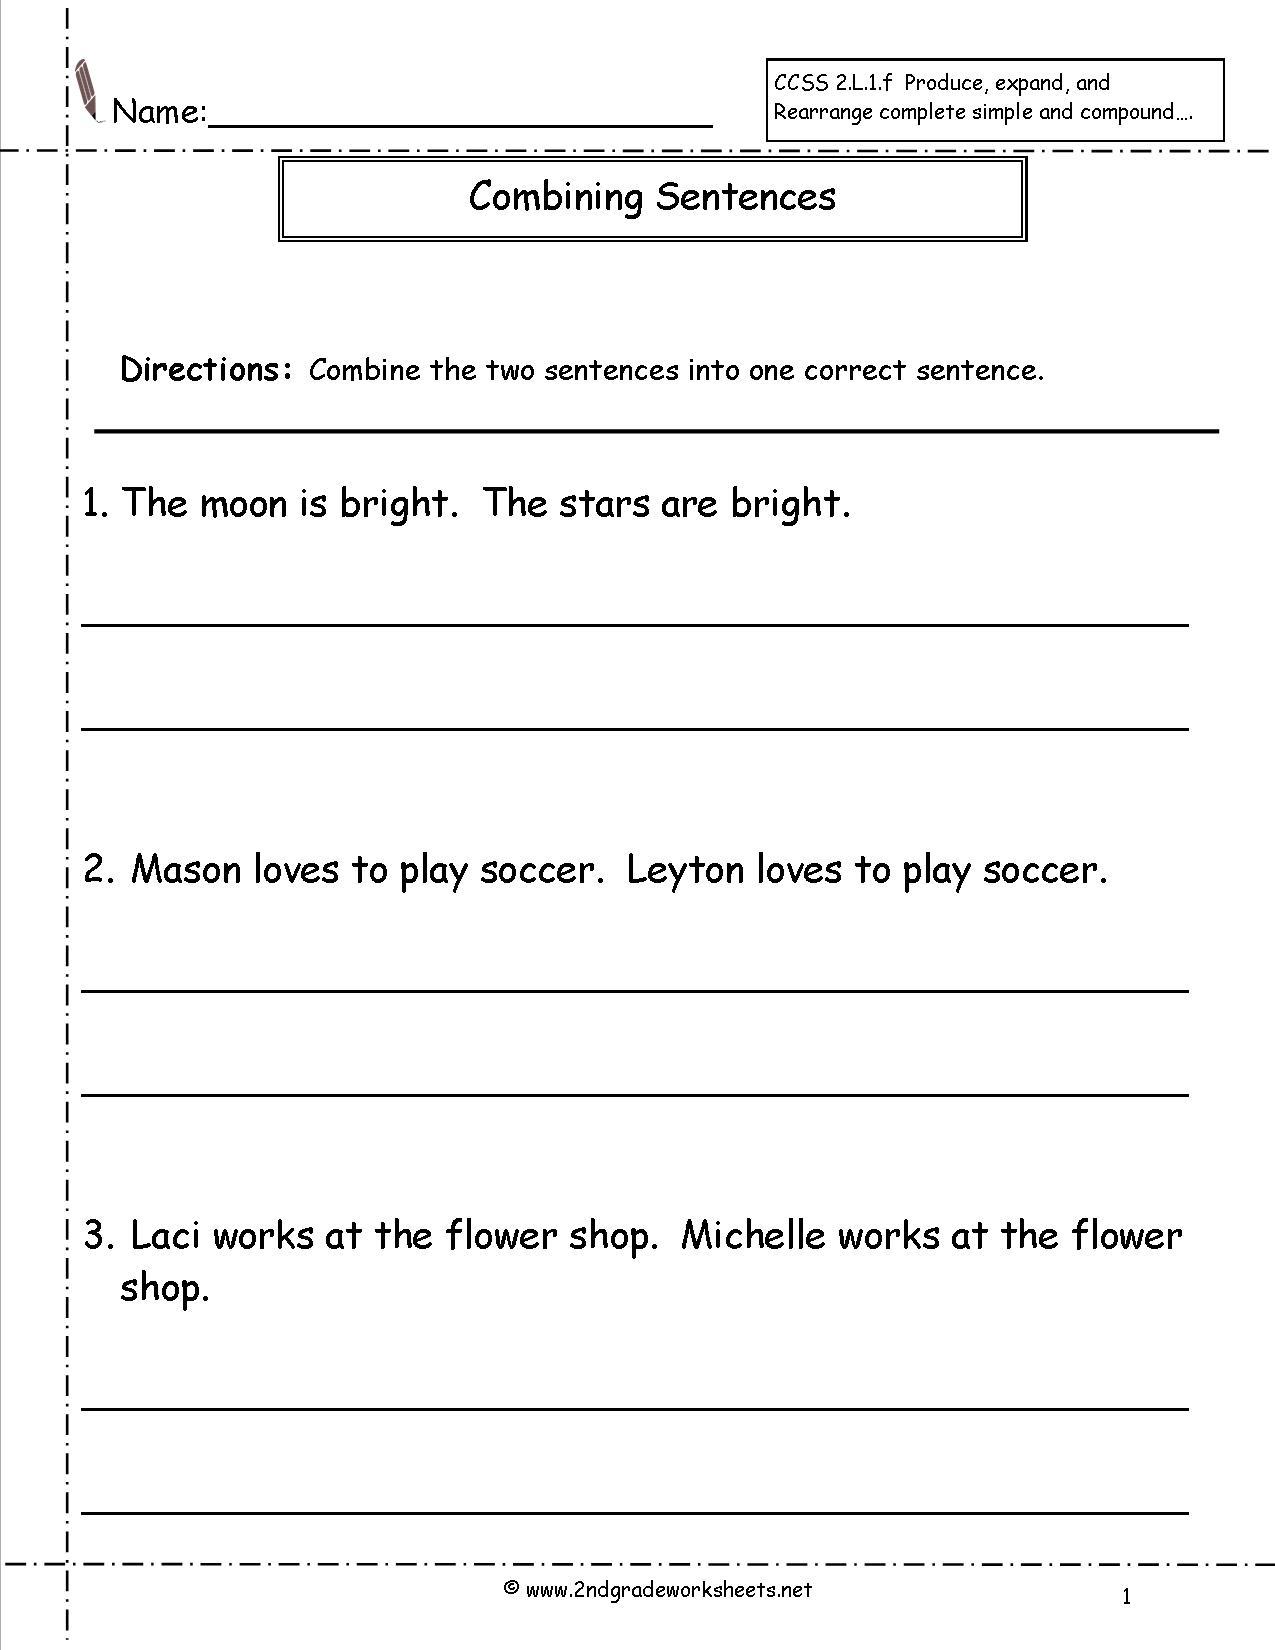 19 Best Images Of Verb Be Worksheet 1st Grade